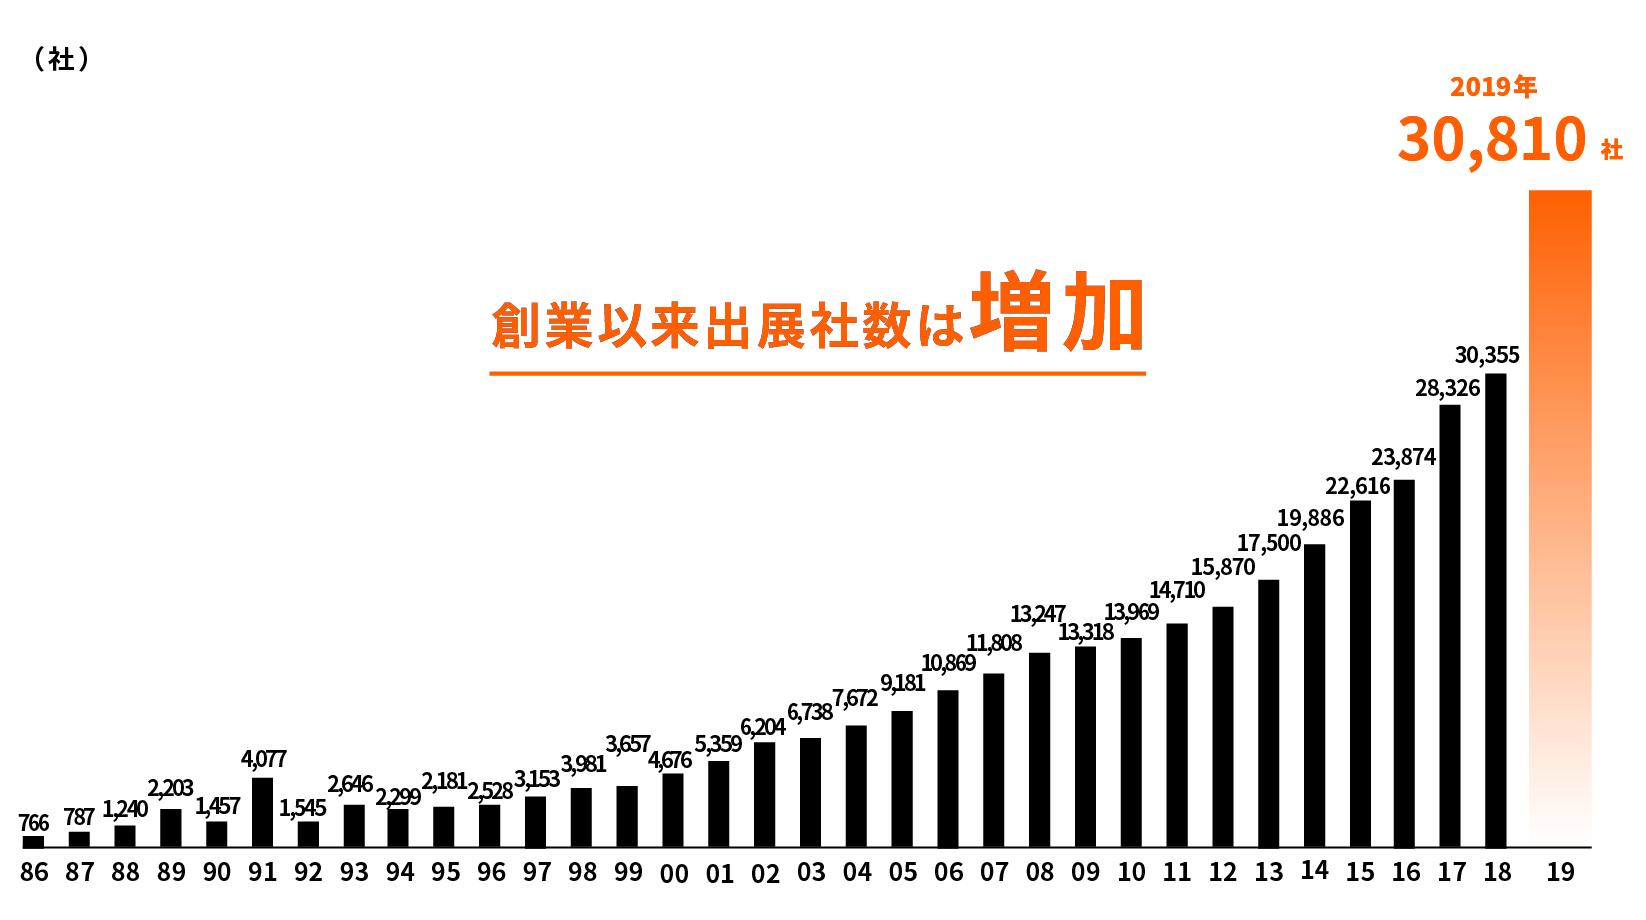 年間の出展社数の推移